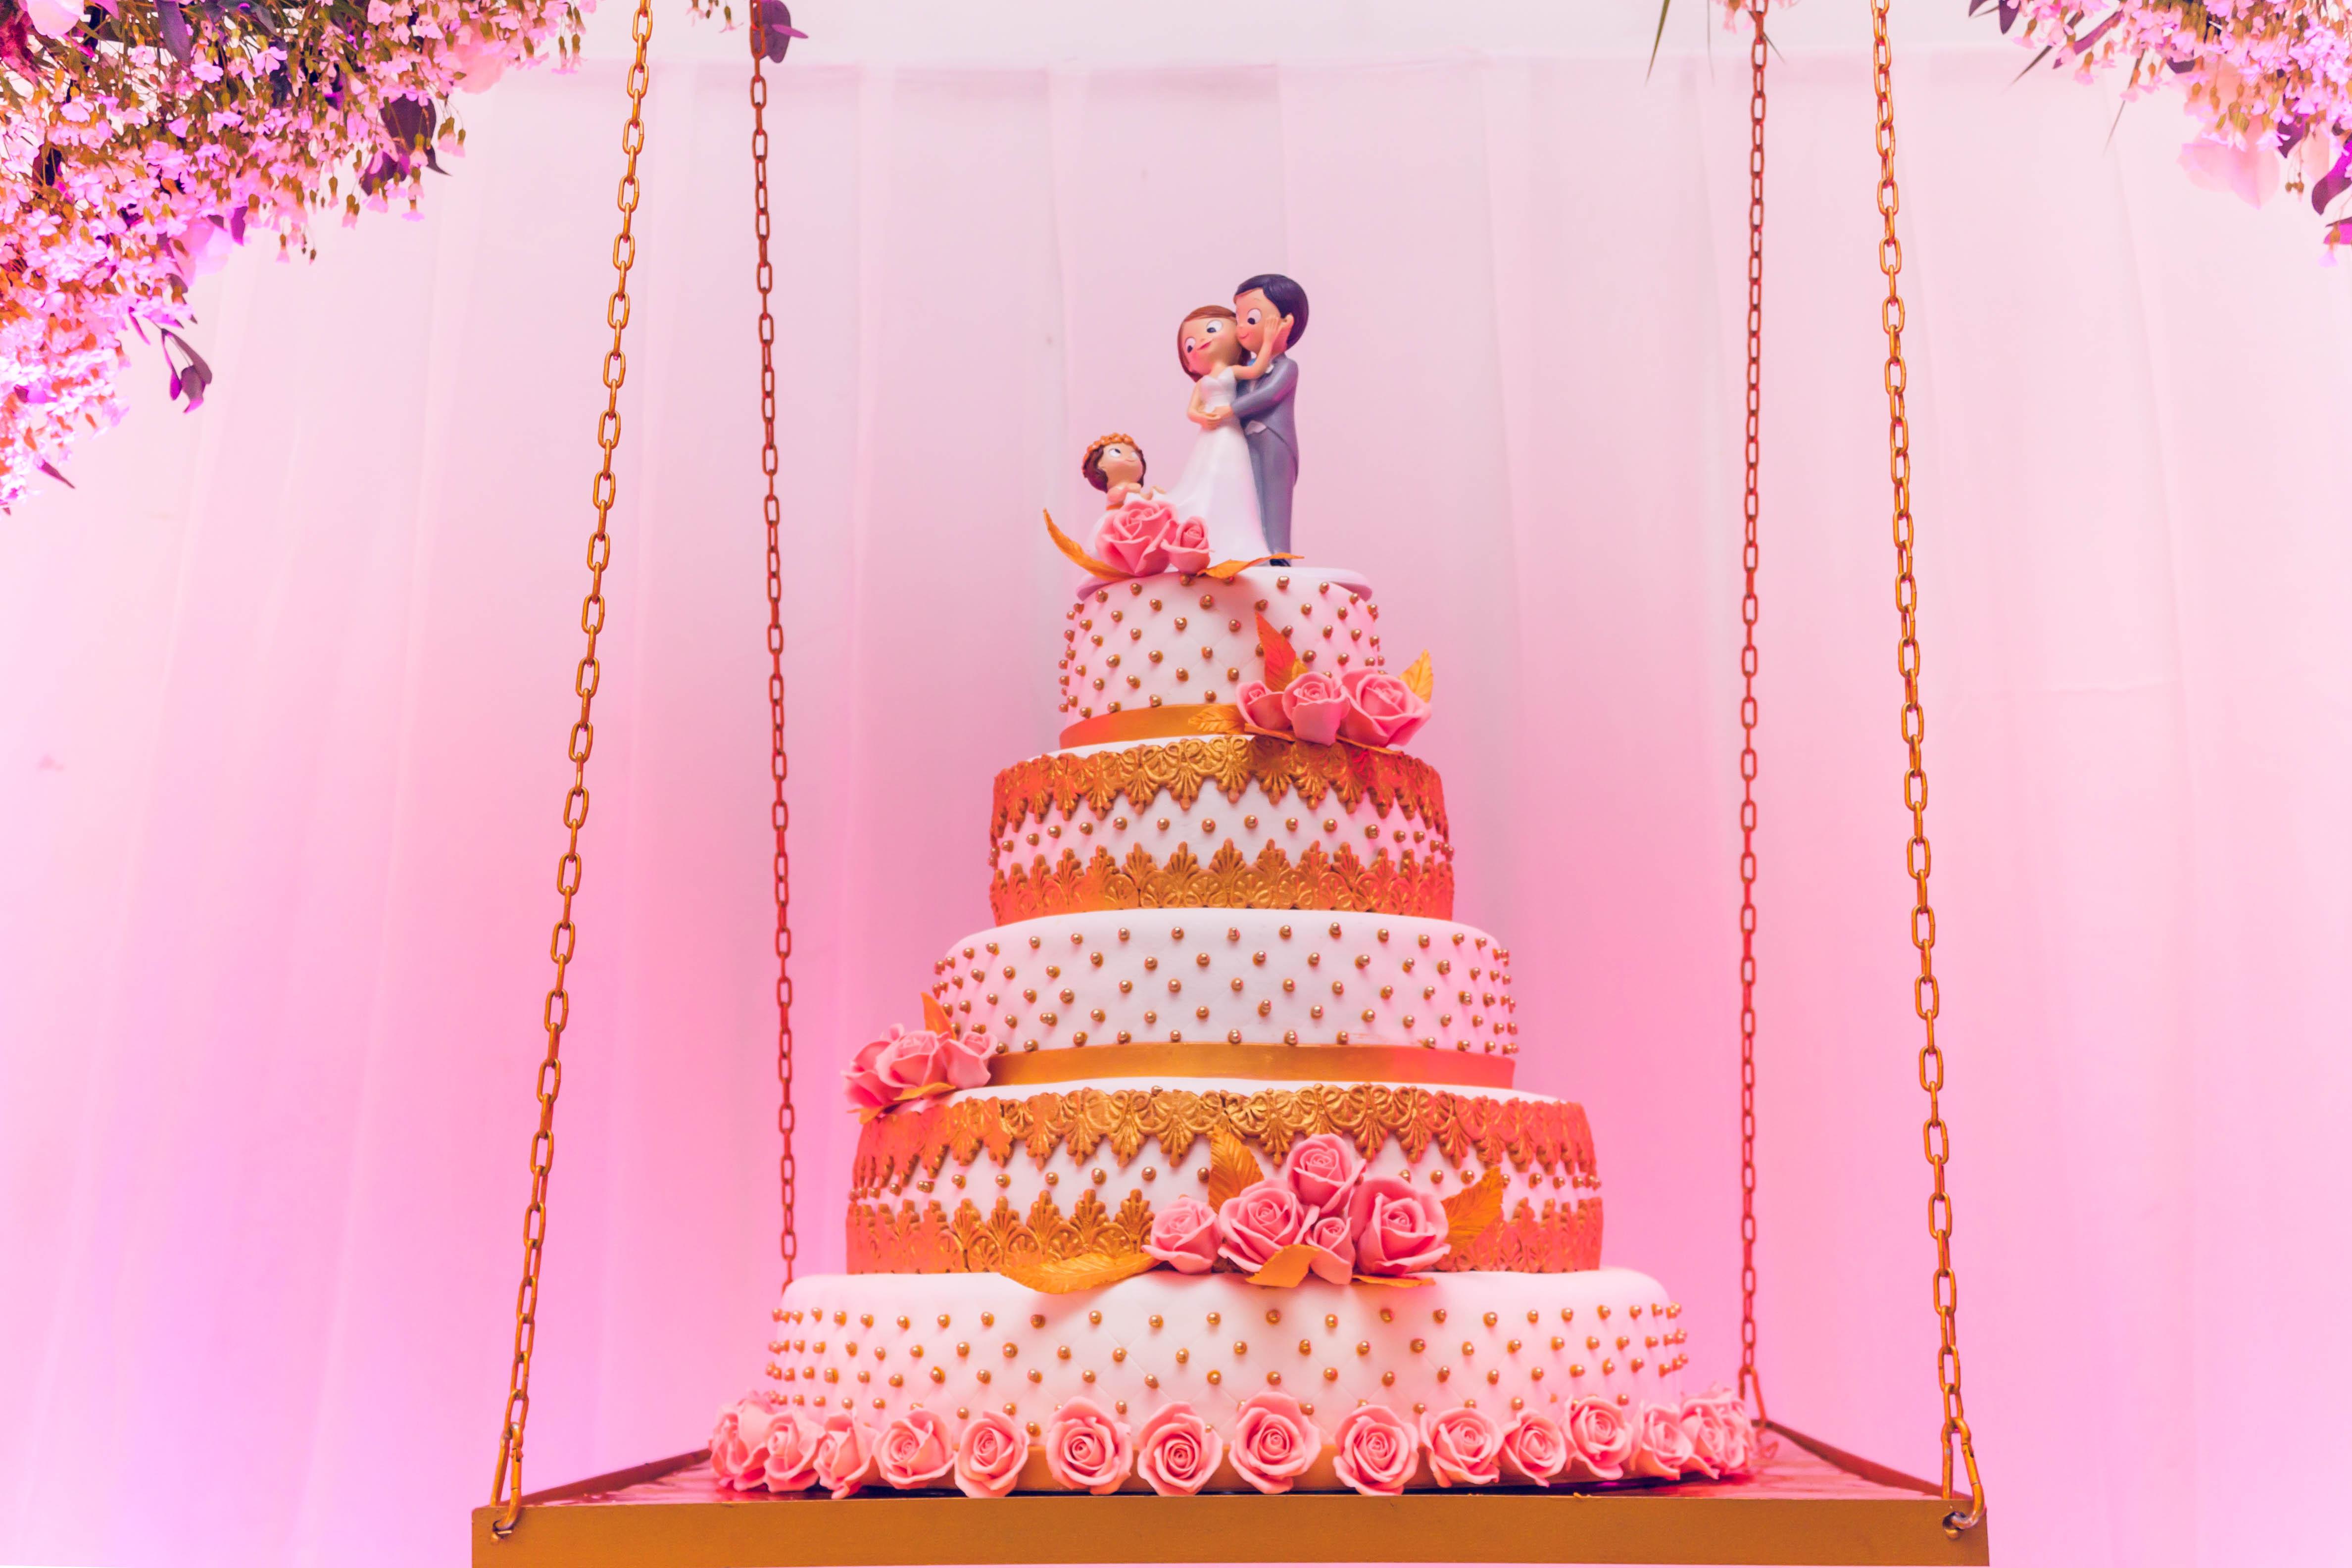 Le Gâteau De Mariage Une Histoire Qui Ne Date Pas Dhier